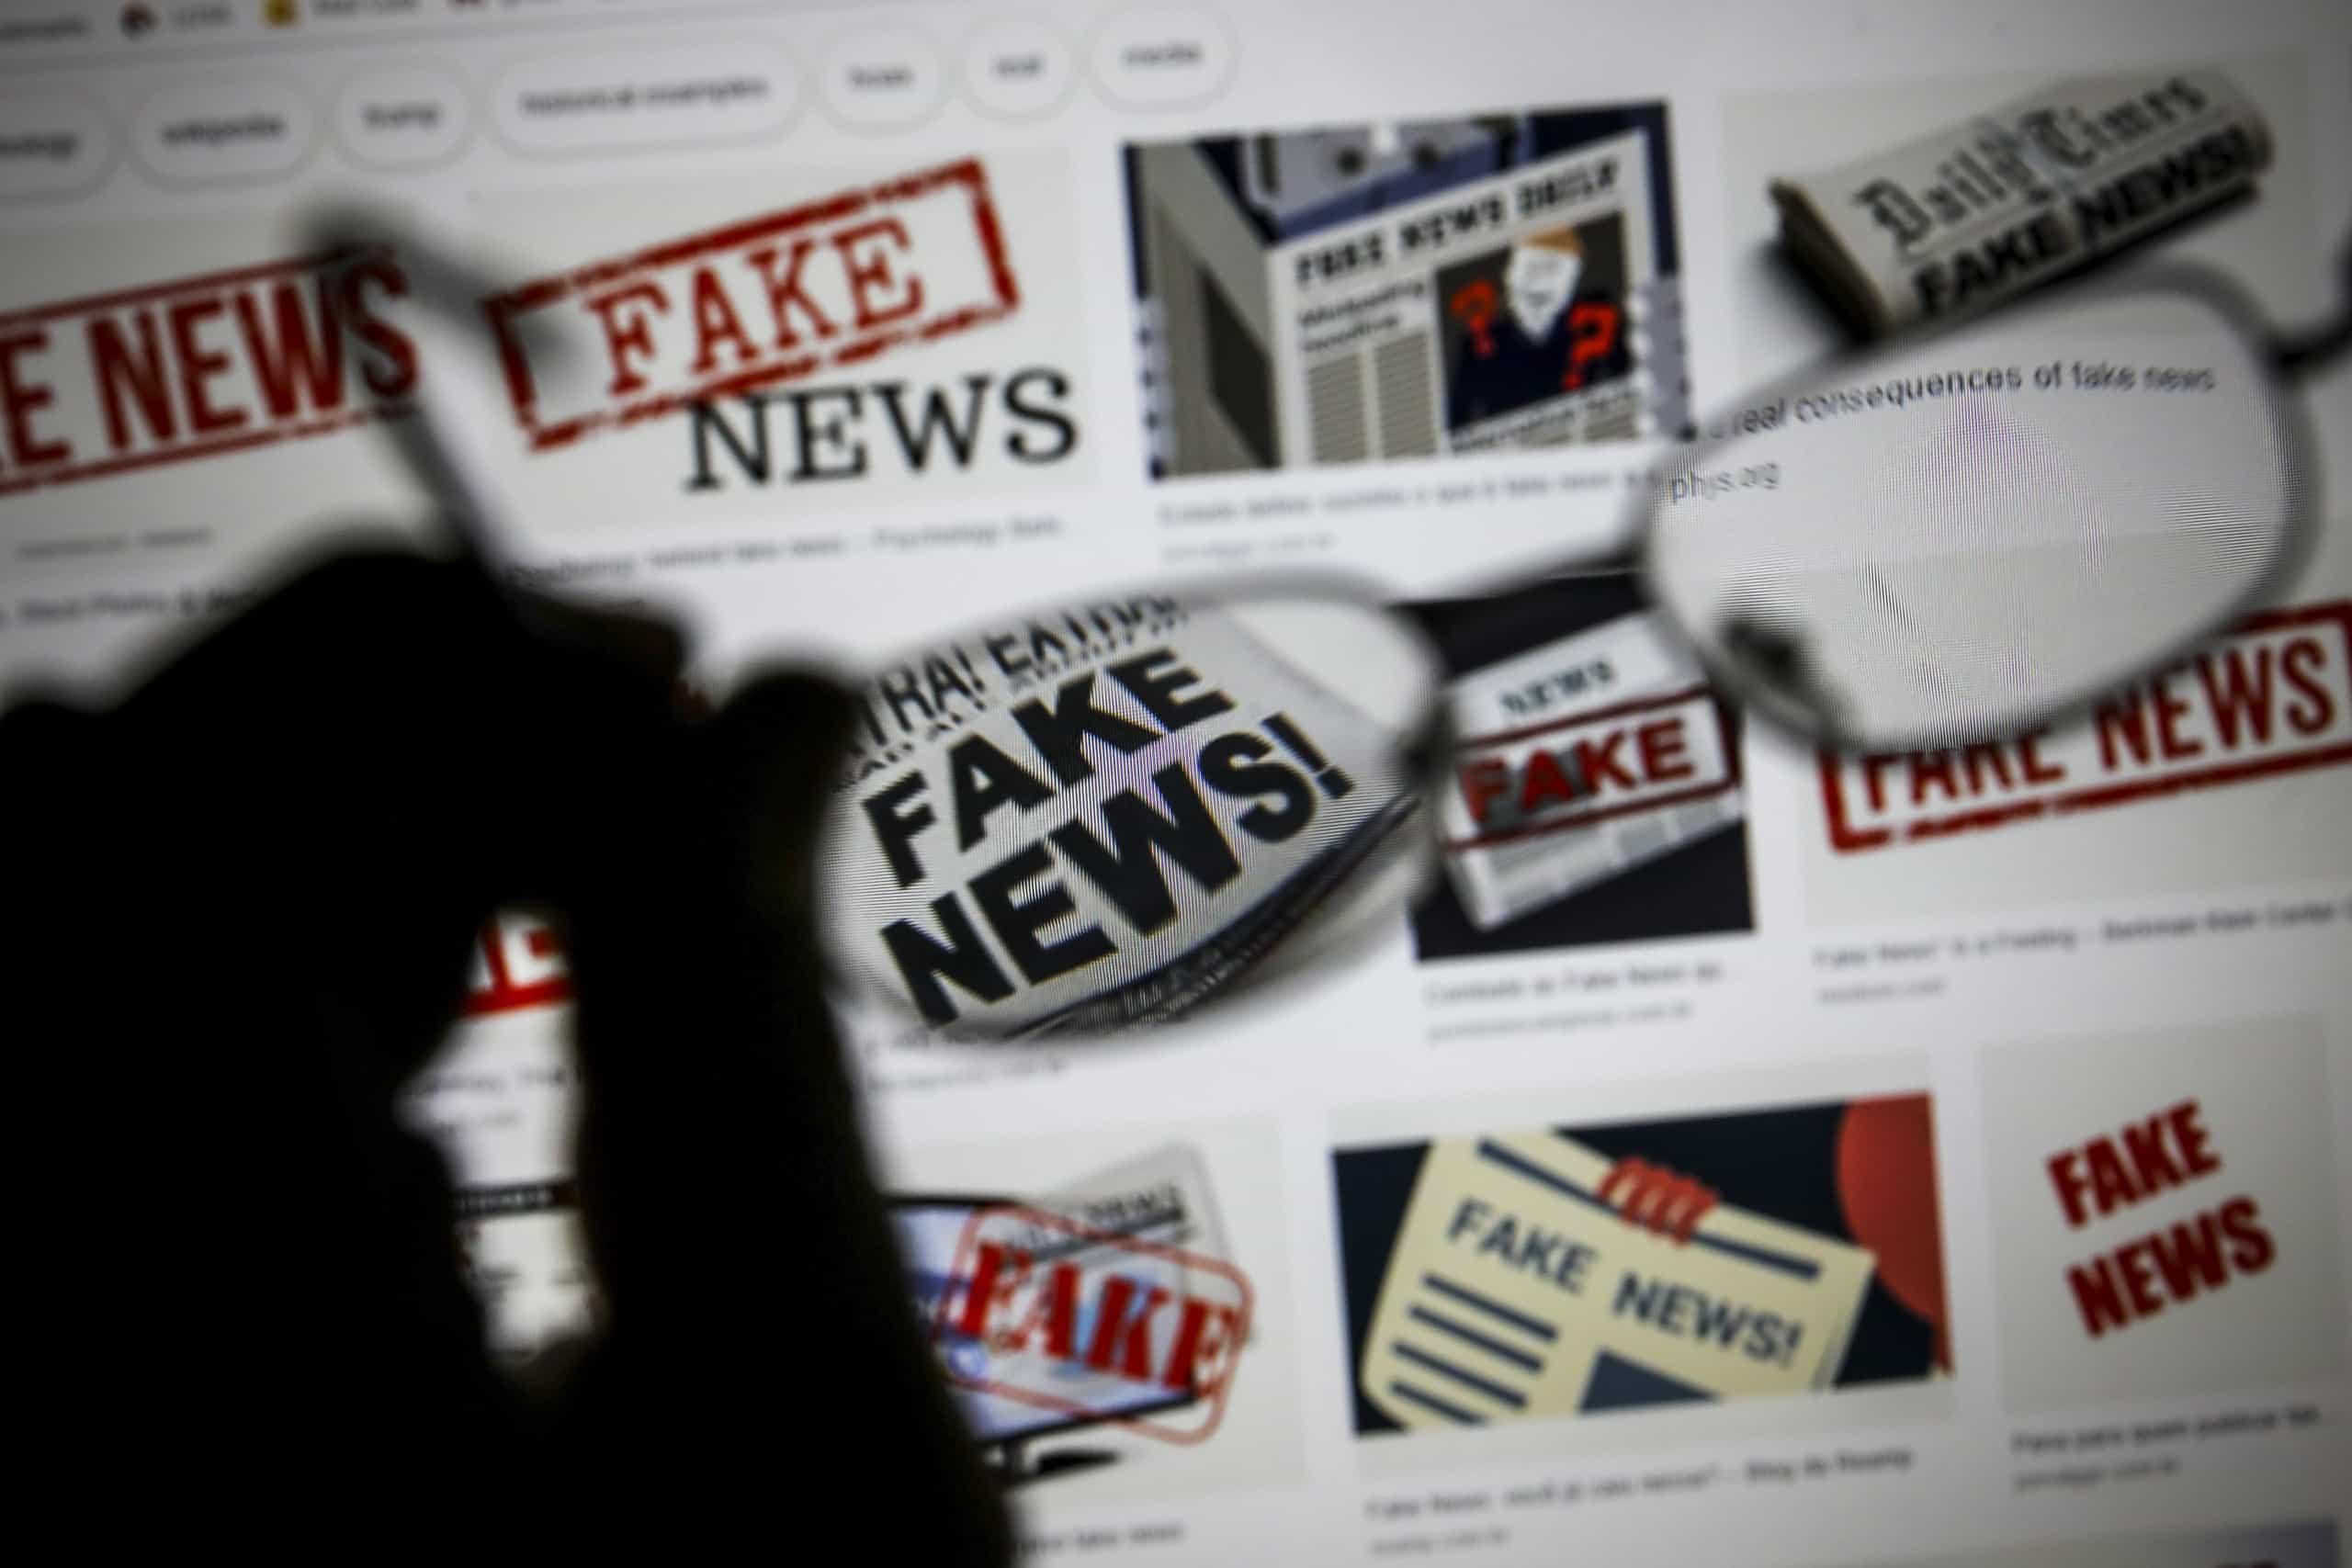 Parlamento dedica debate de hoje à desinformação